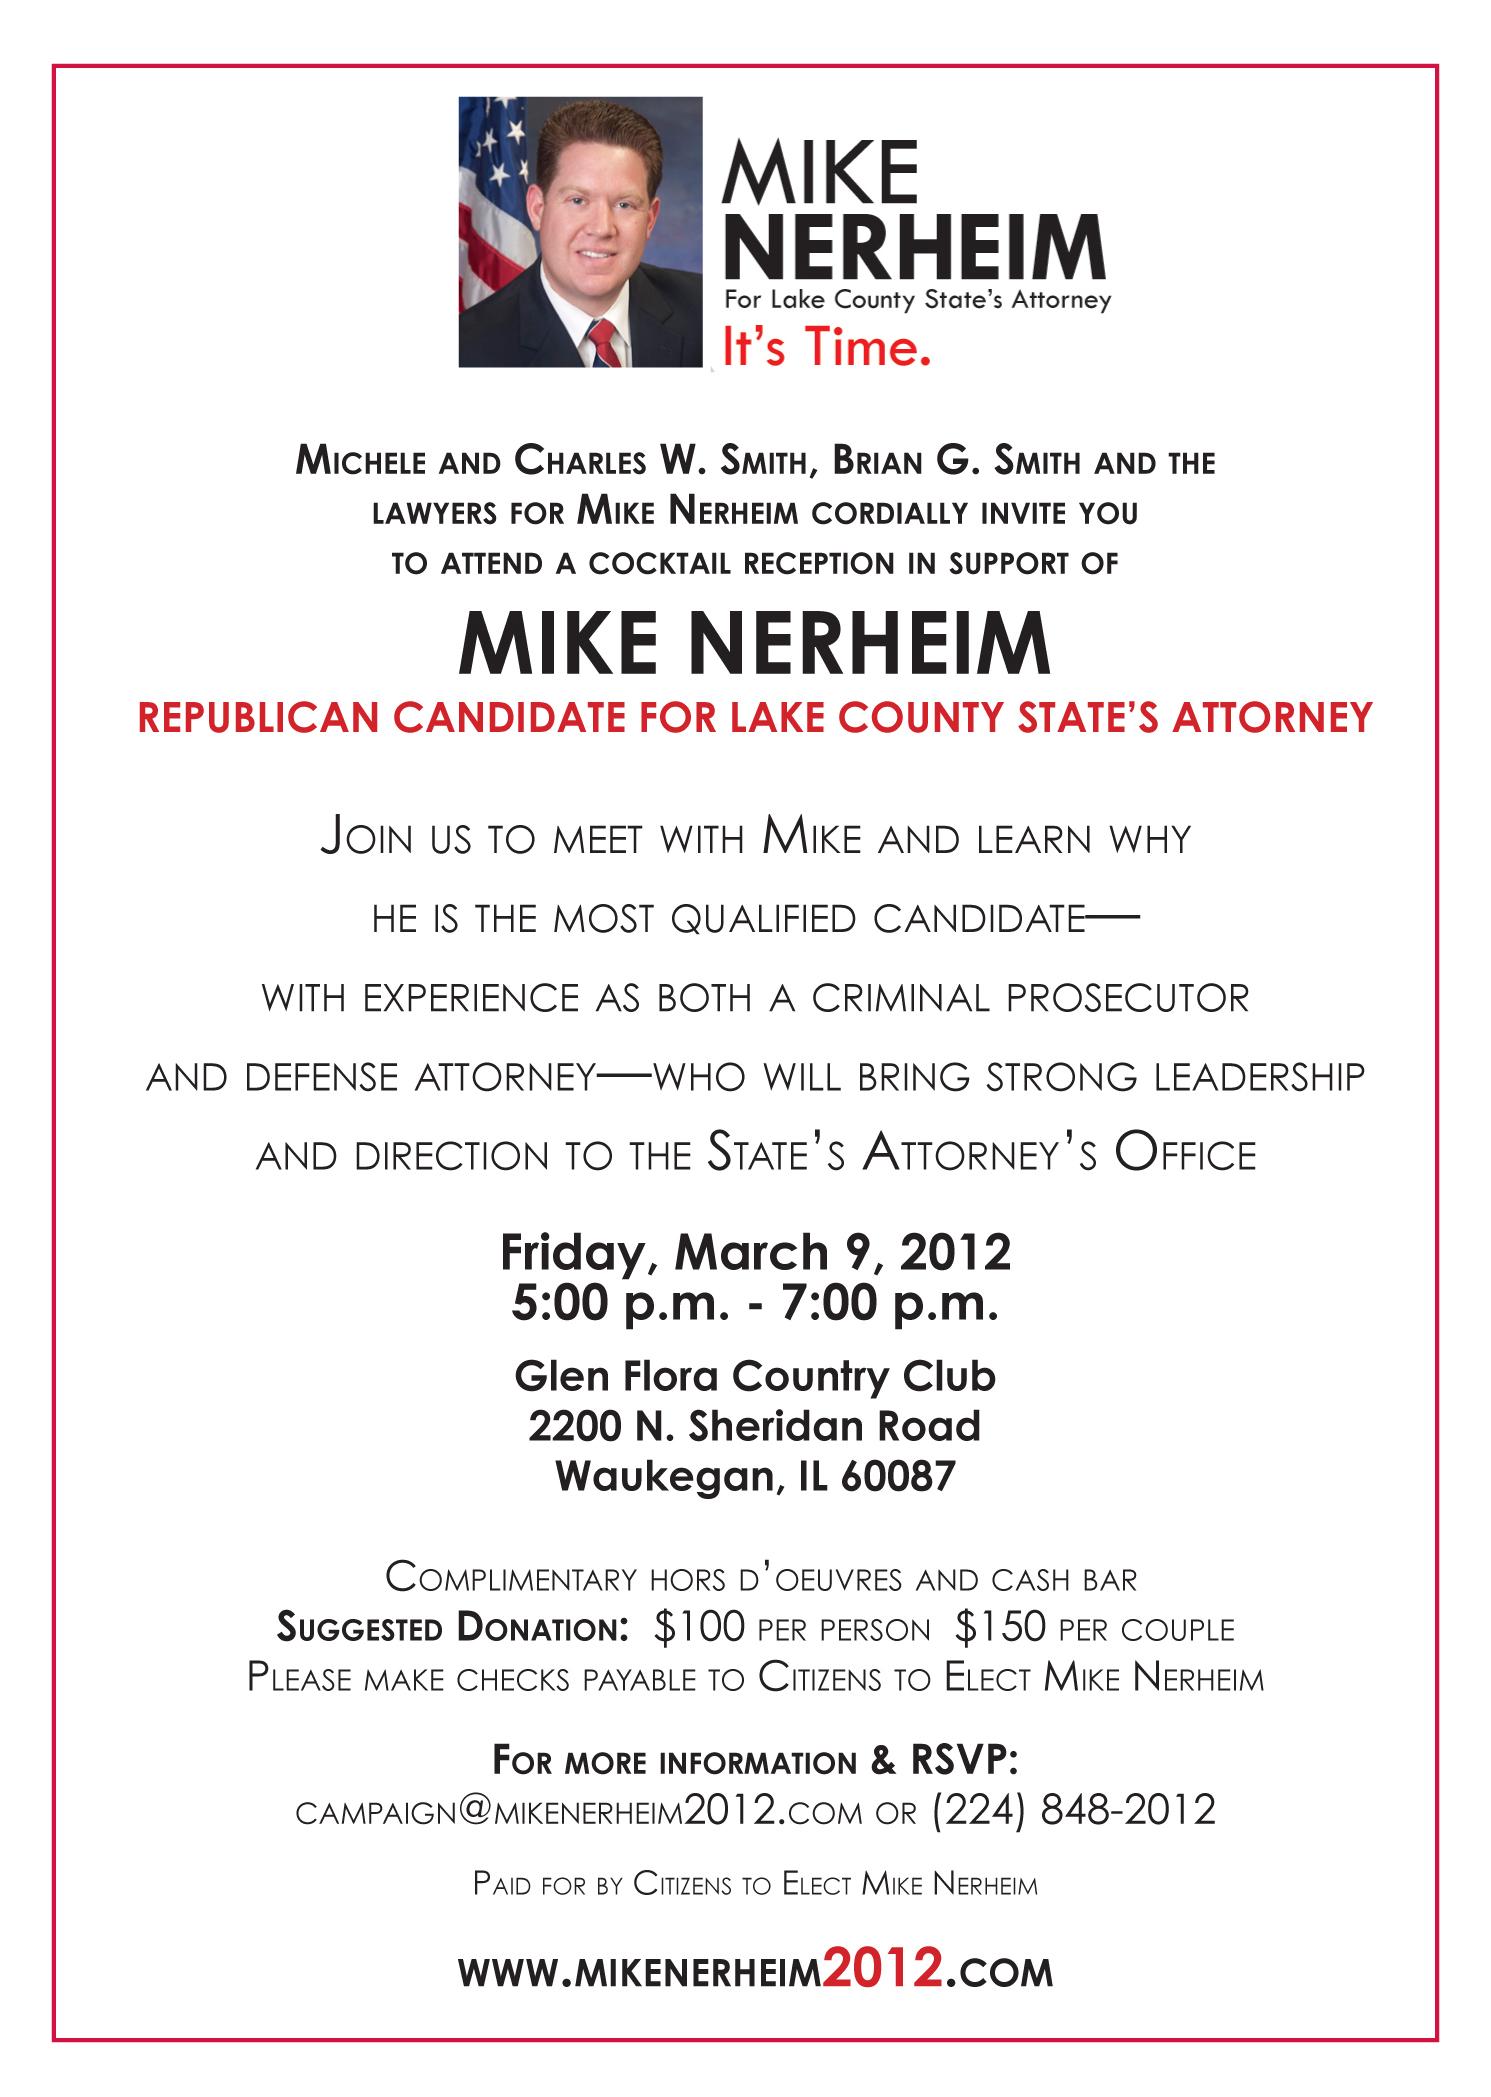 March 9 Campaign Event Invitation